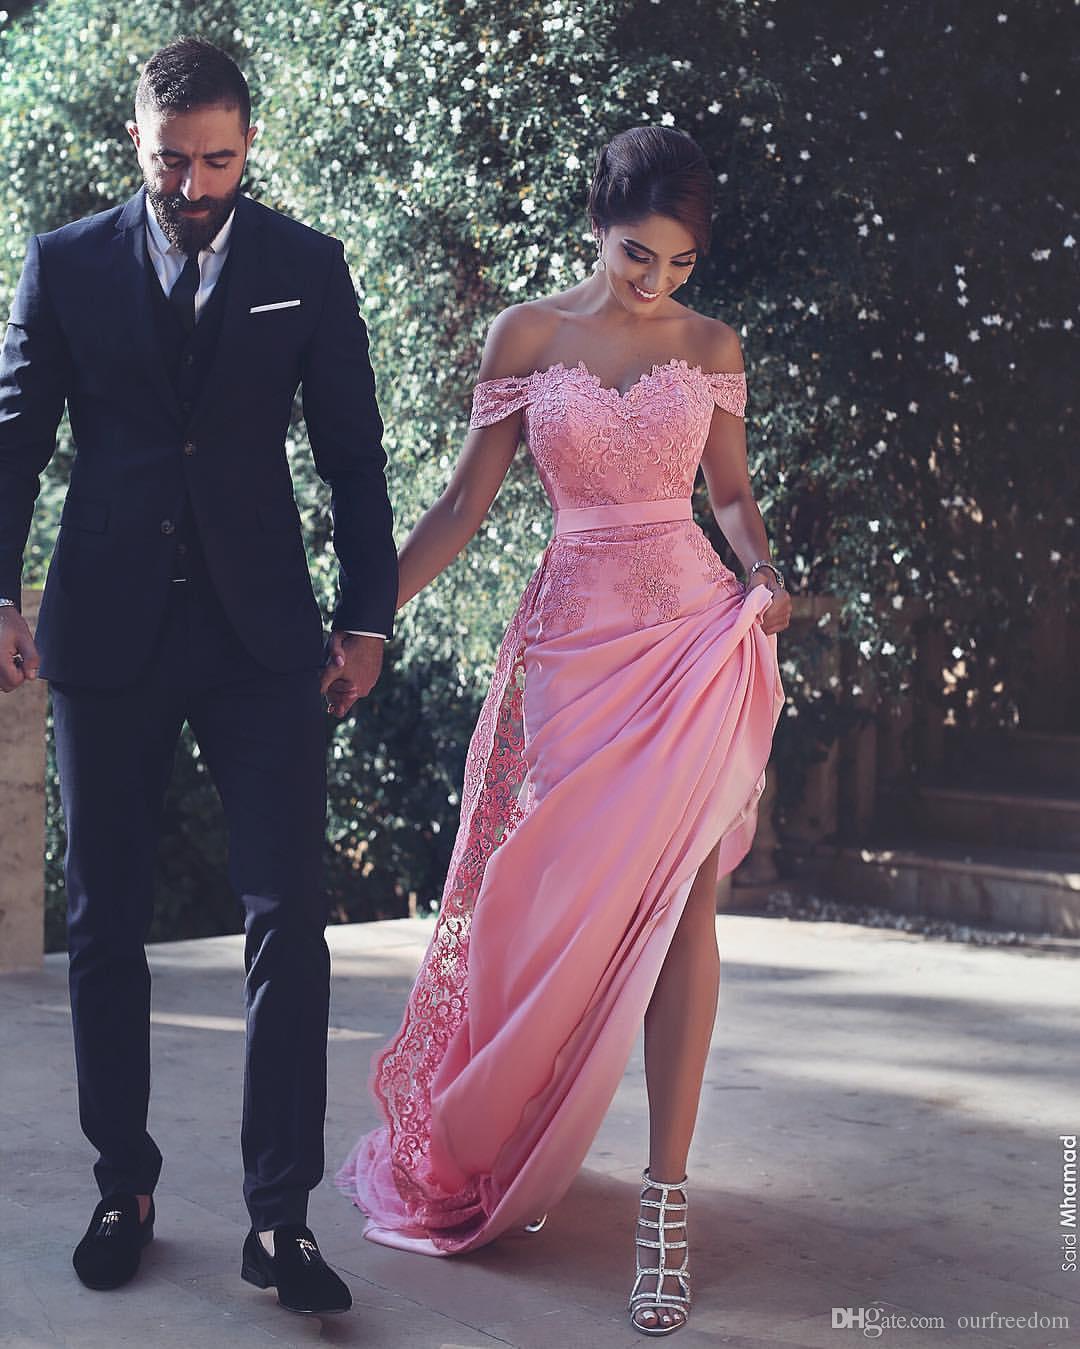 2019 Mode dit Ahamad Soirée Robes APPLIQUES DANS L'ÉPAULAGE DE POISSON DE PLANCHER UNE OCCASION FORME PROM Robes De PRÉ Célébrité Fabriqué sur mesure